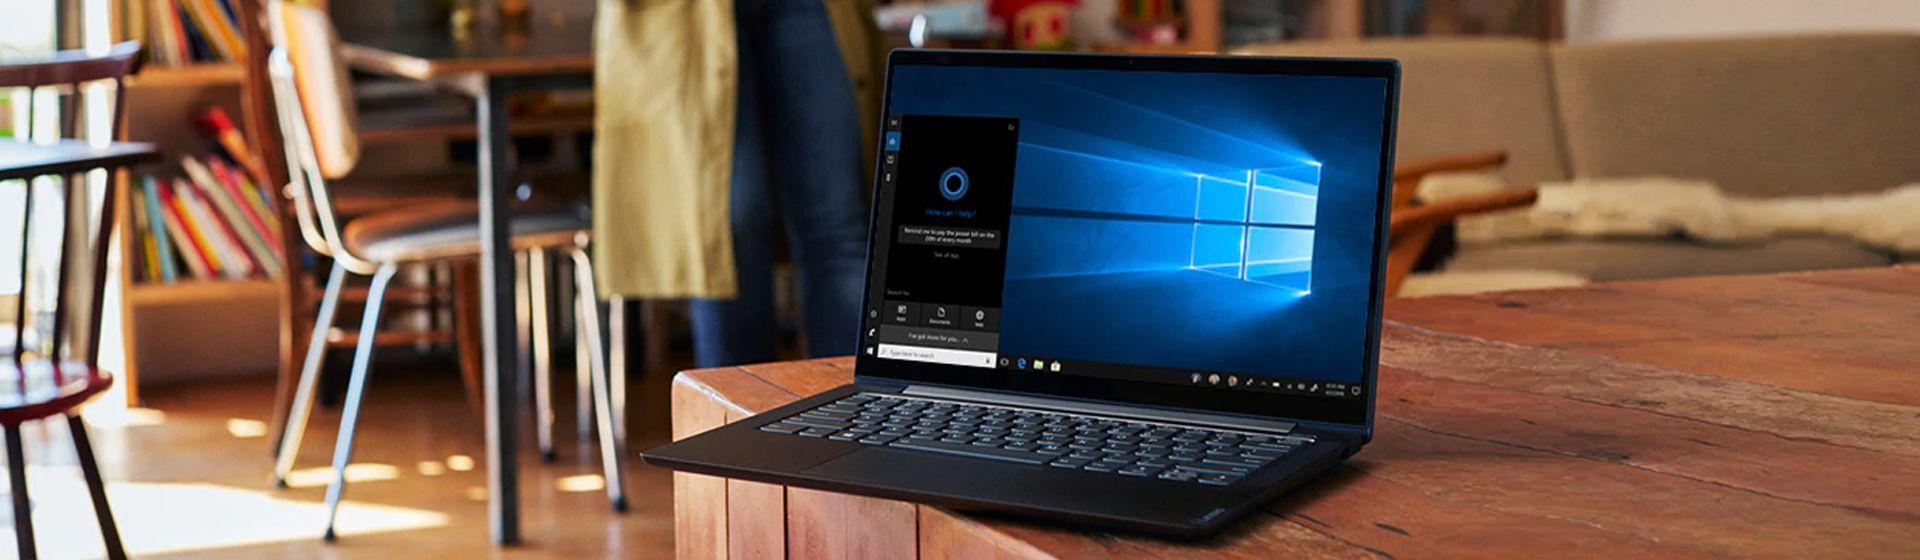 Lenovo Yoga S740 é bom? Veja se o notebook premium vale a pena